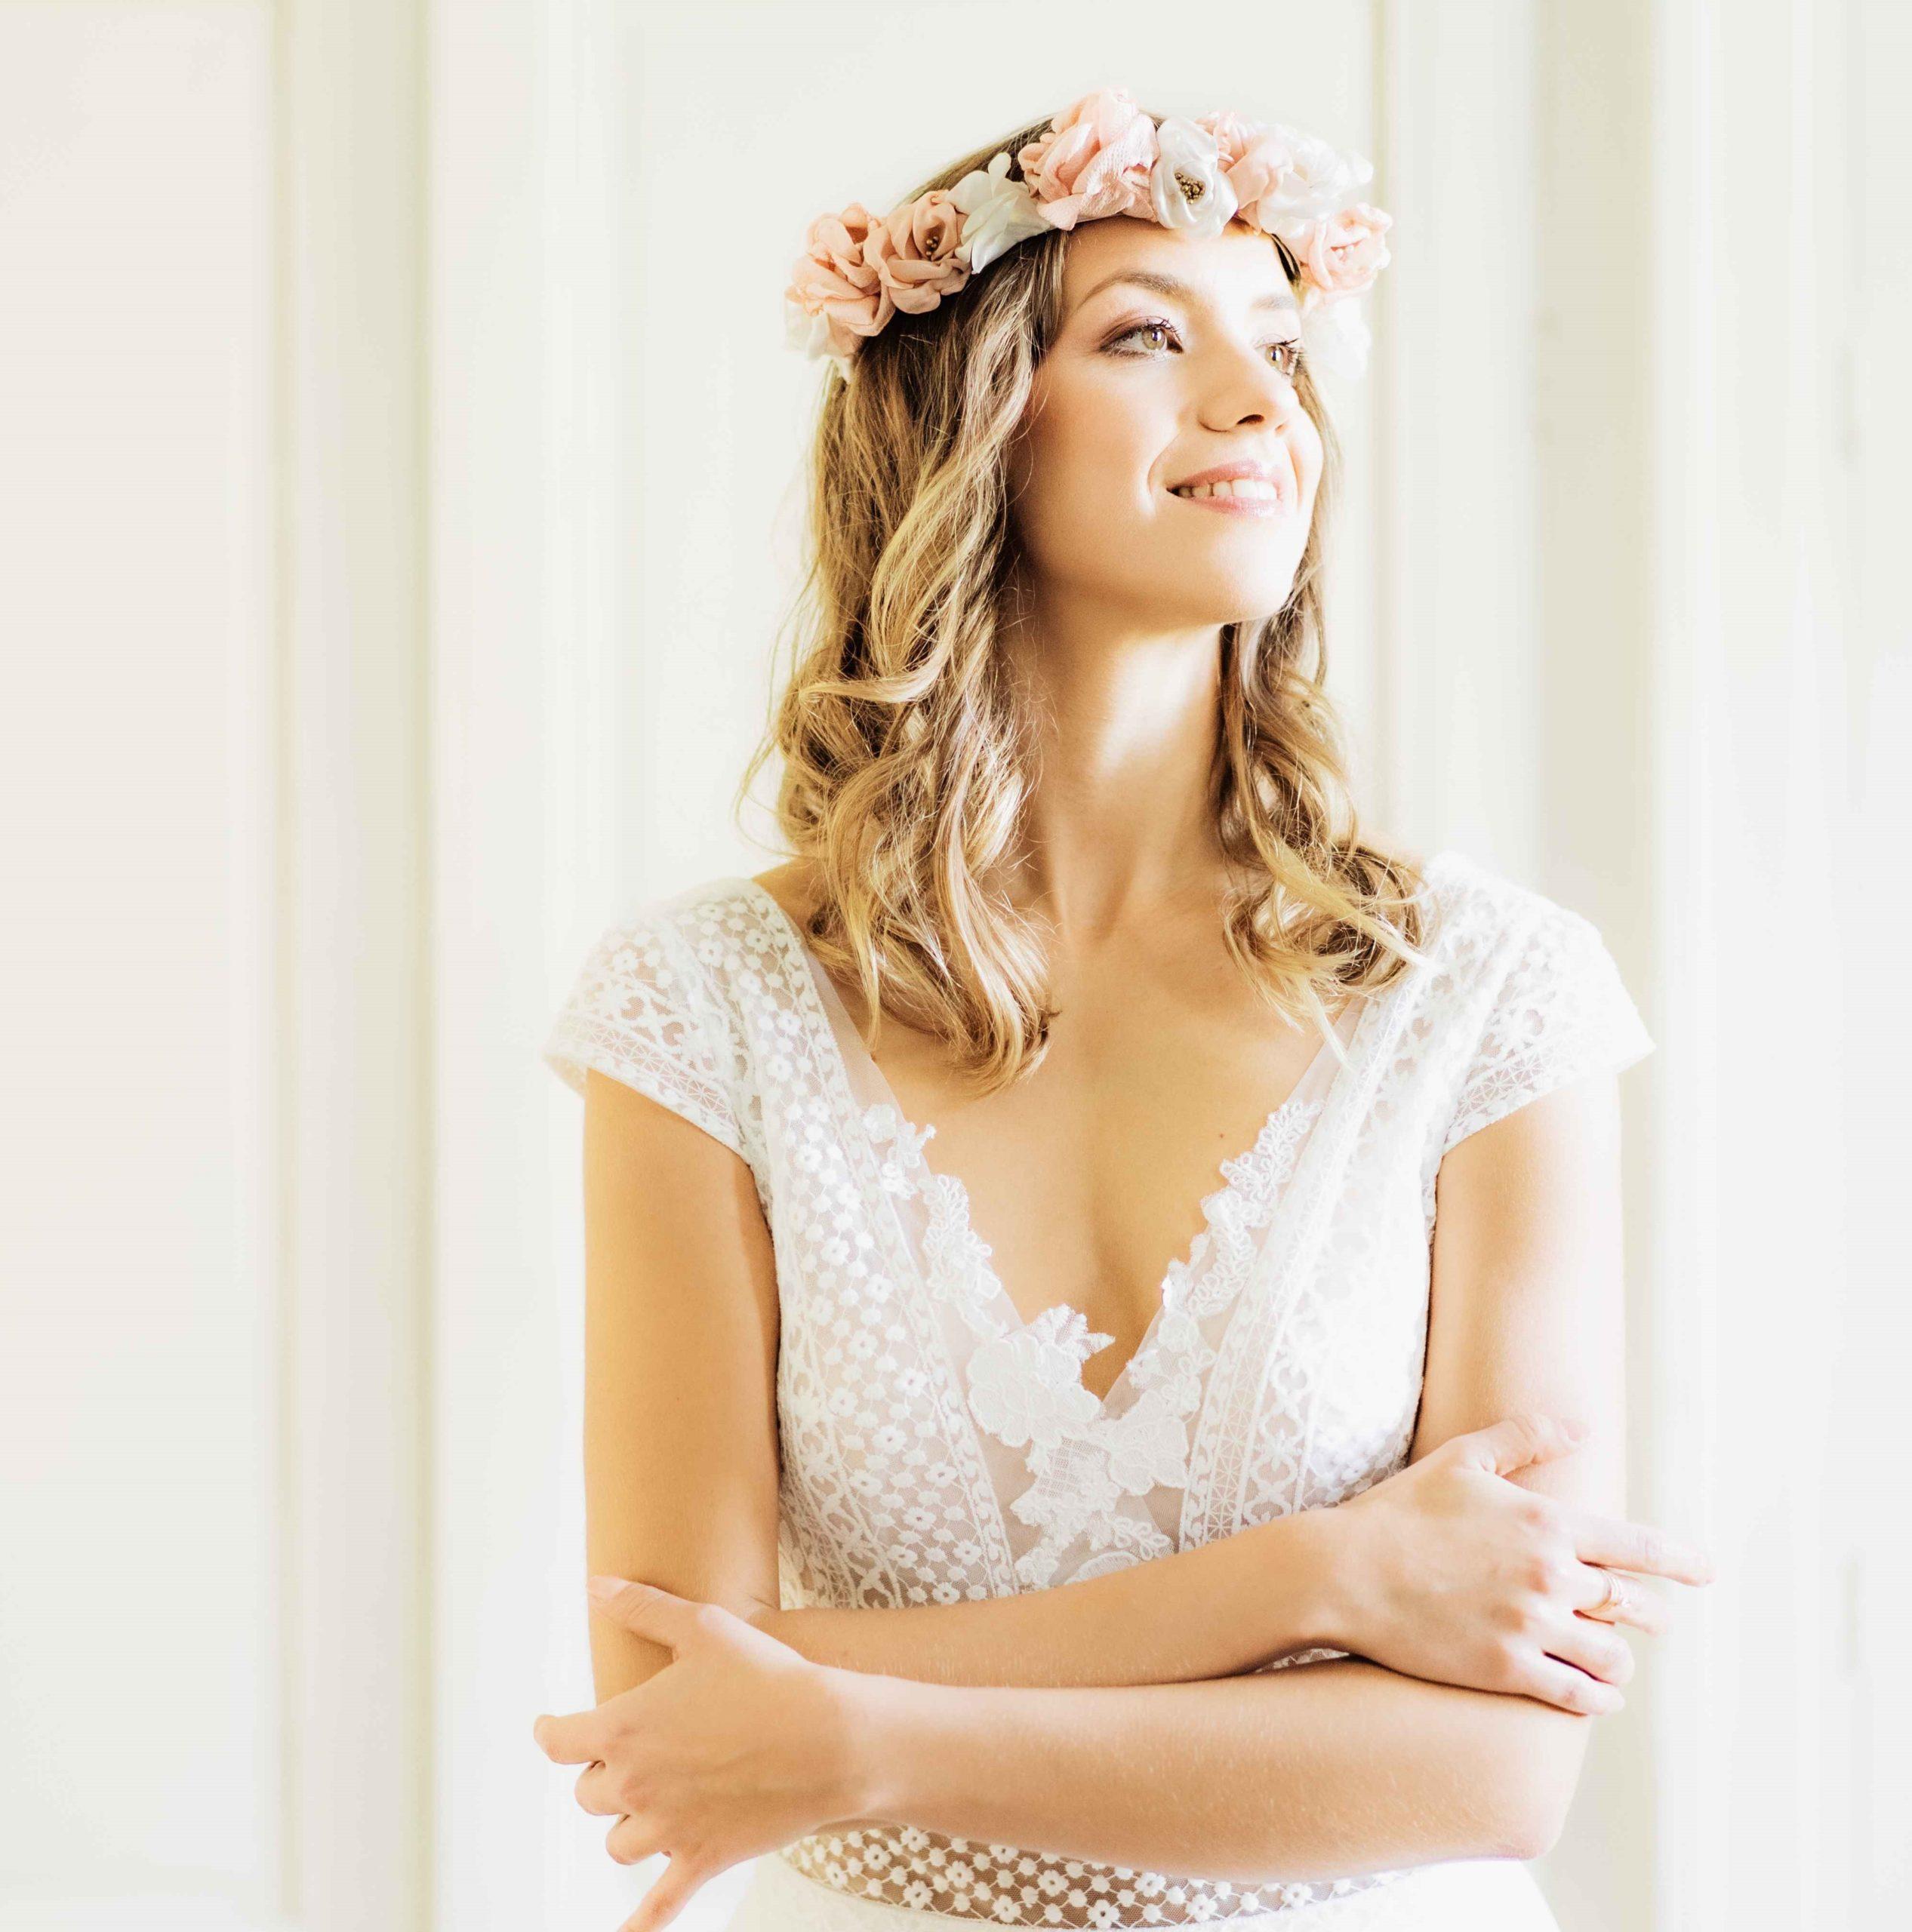 Couronne Elisabeth 2 Alice Marty - Couture florale Accessoires Mariage